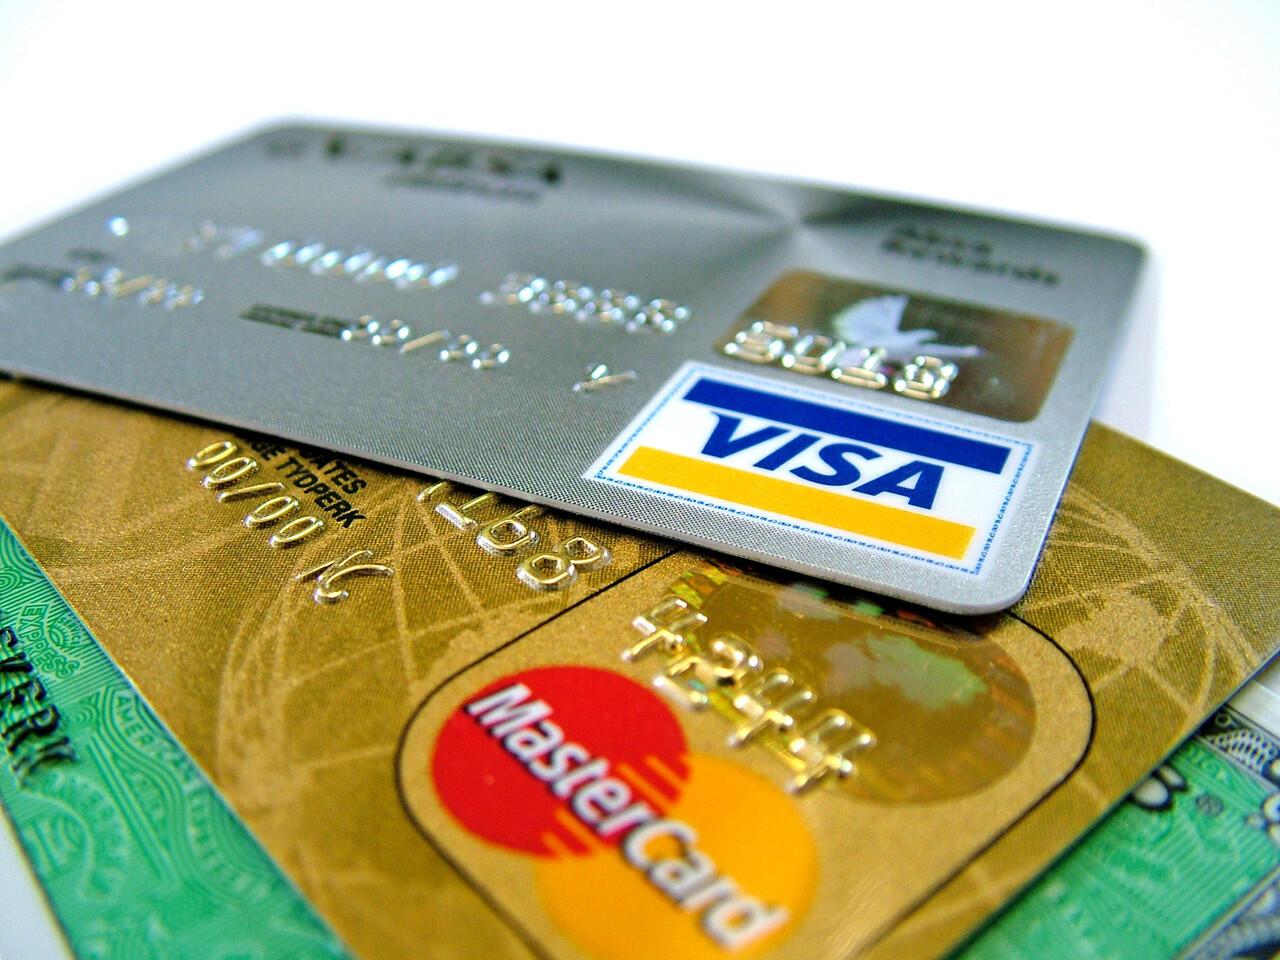 Kejahatan Kartu Kredit : Kejahatan Modern yang mengancam kita